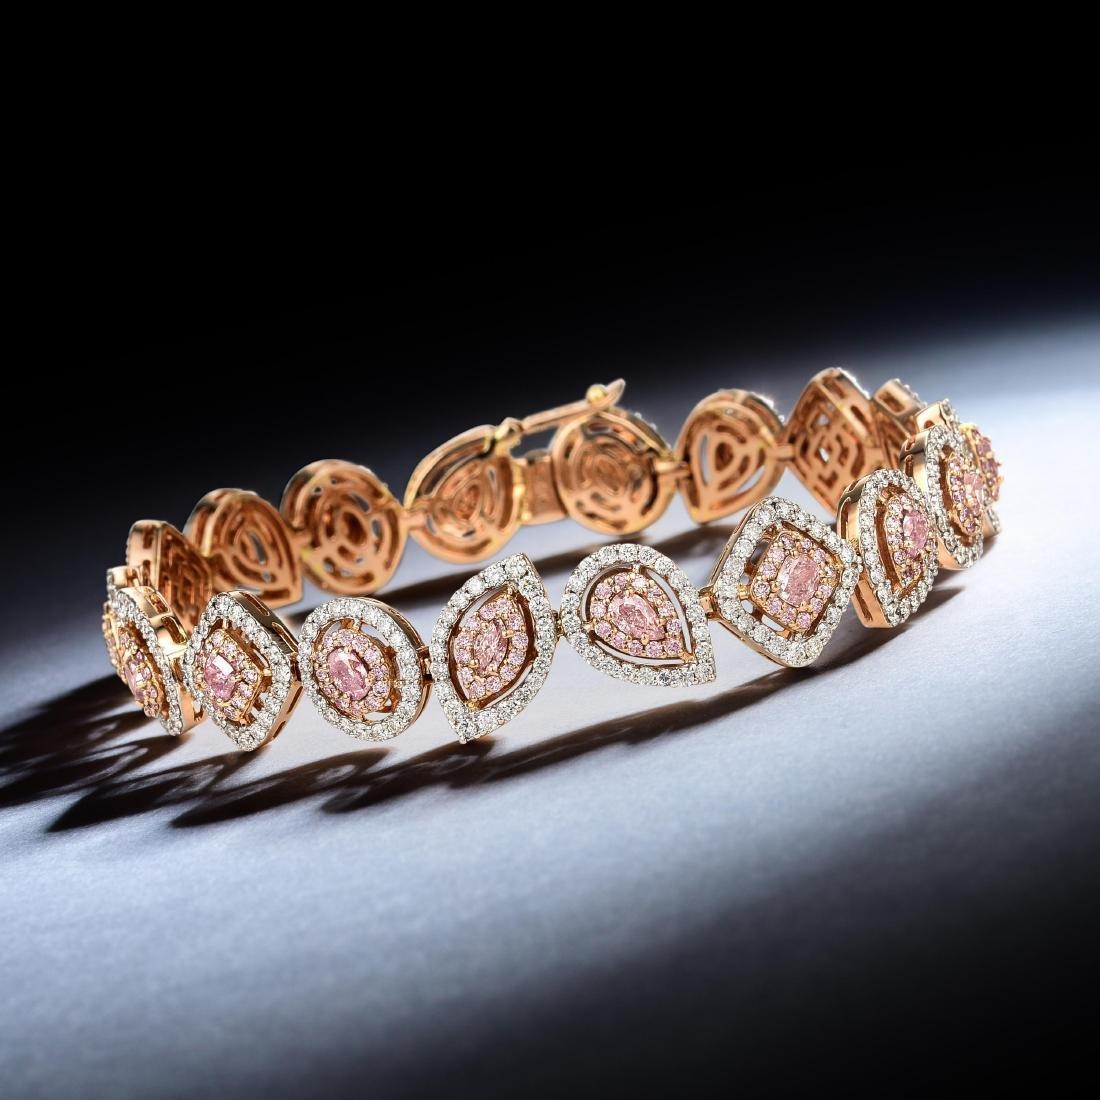 A Pink Diamond Bracelet